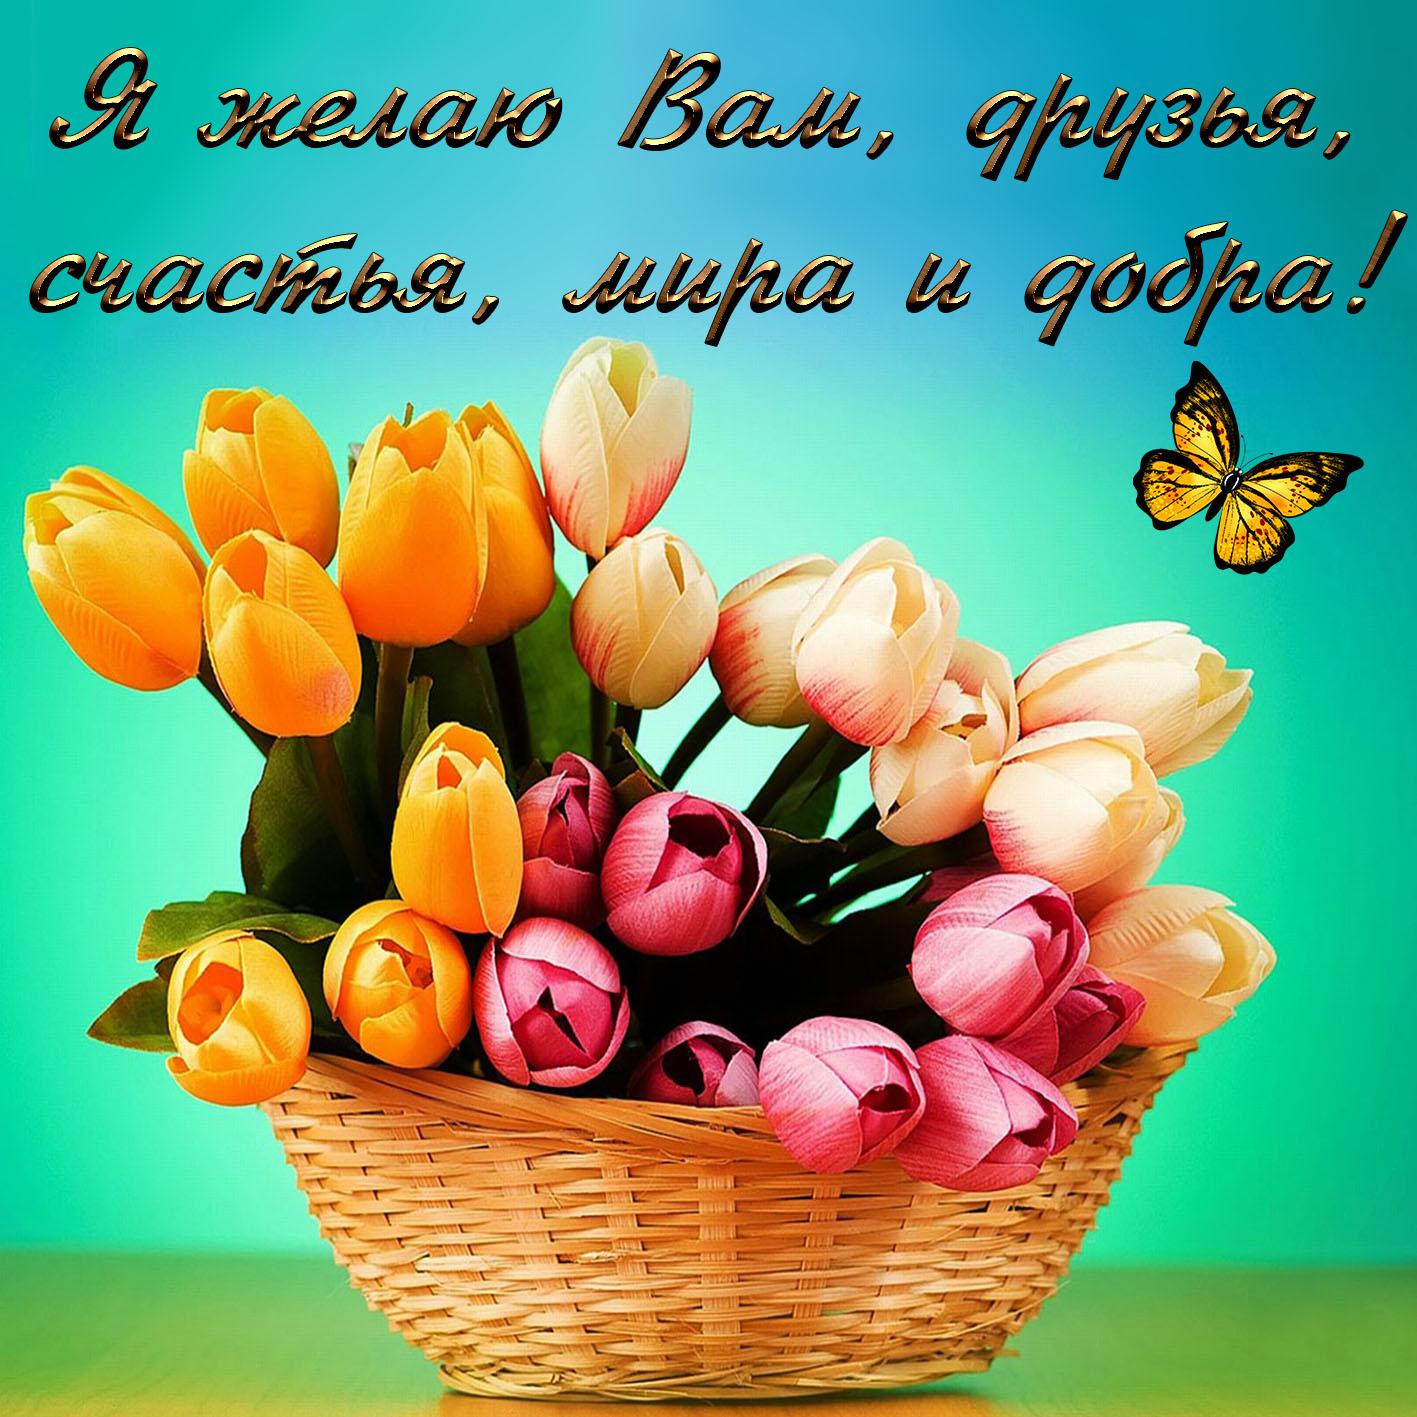 Открытки для друзей с пожеланиями счастья и добра